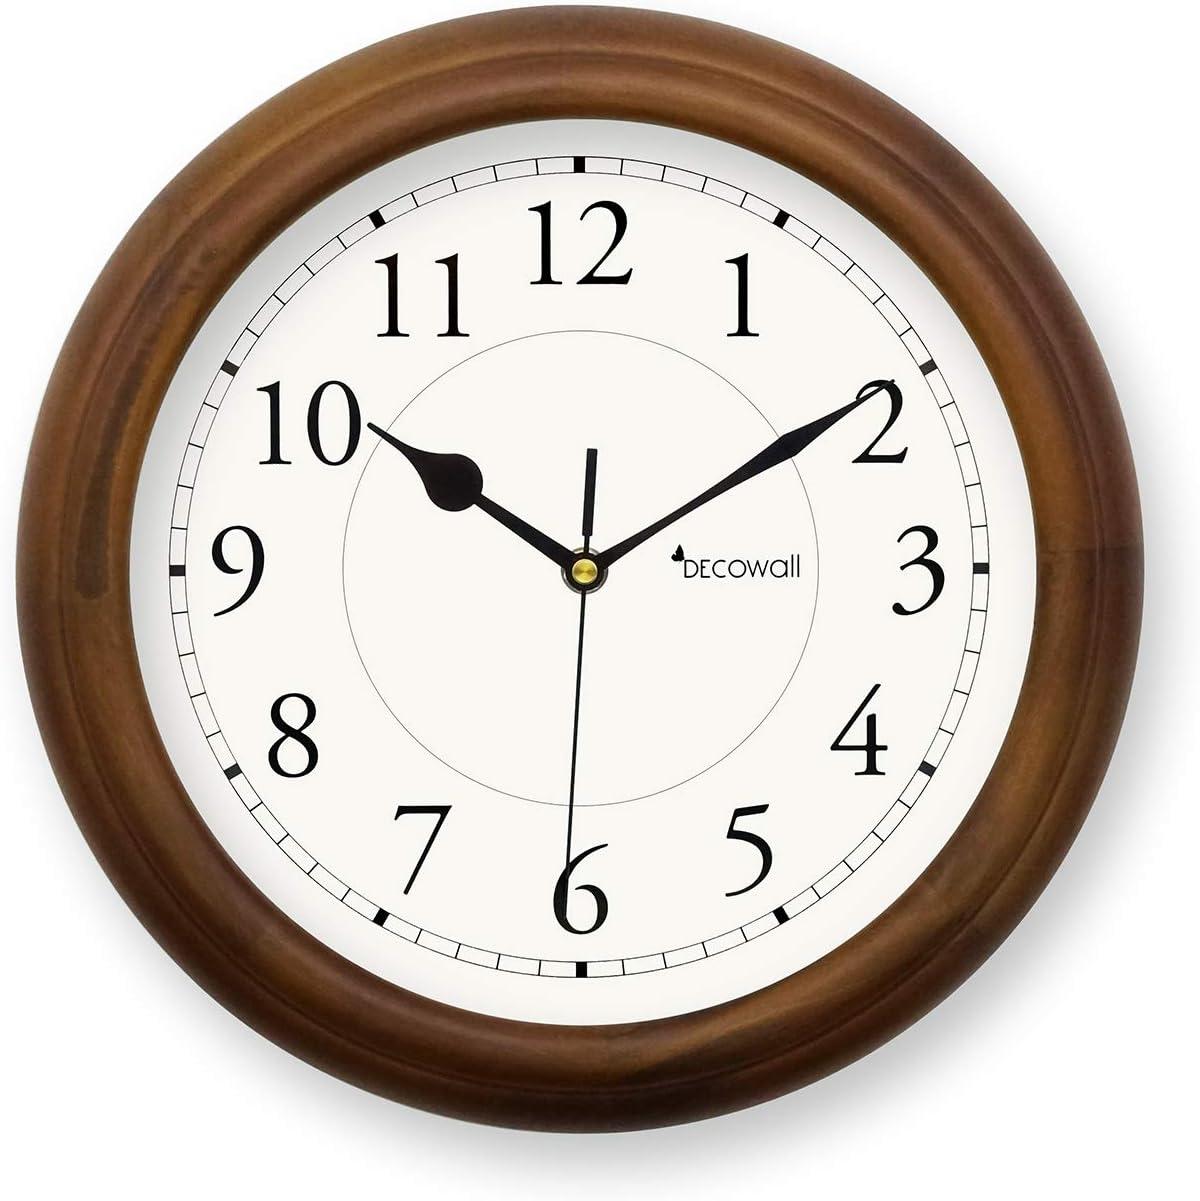 Deco Wall DSH de w32bs, 40bs Reloj de Pared, Madera, silenciosa, plástico, marrón/Blanco, 32cm